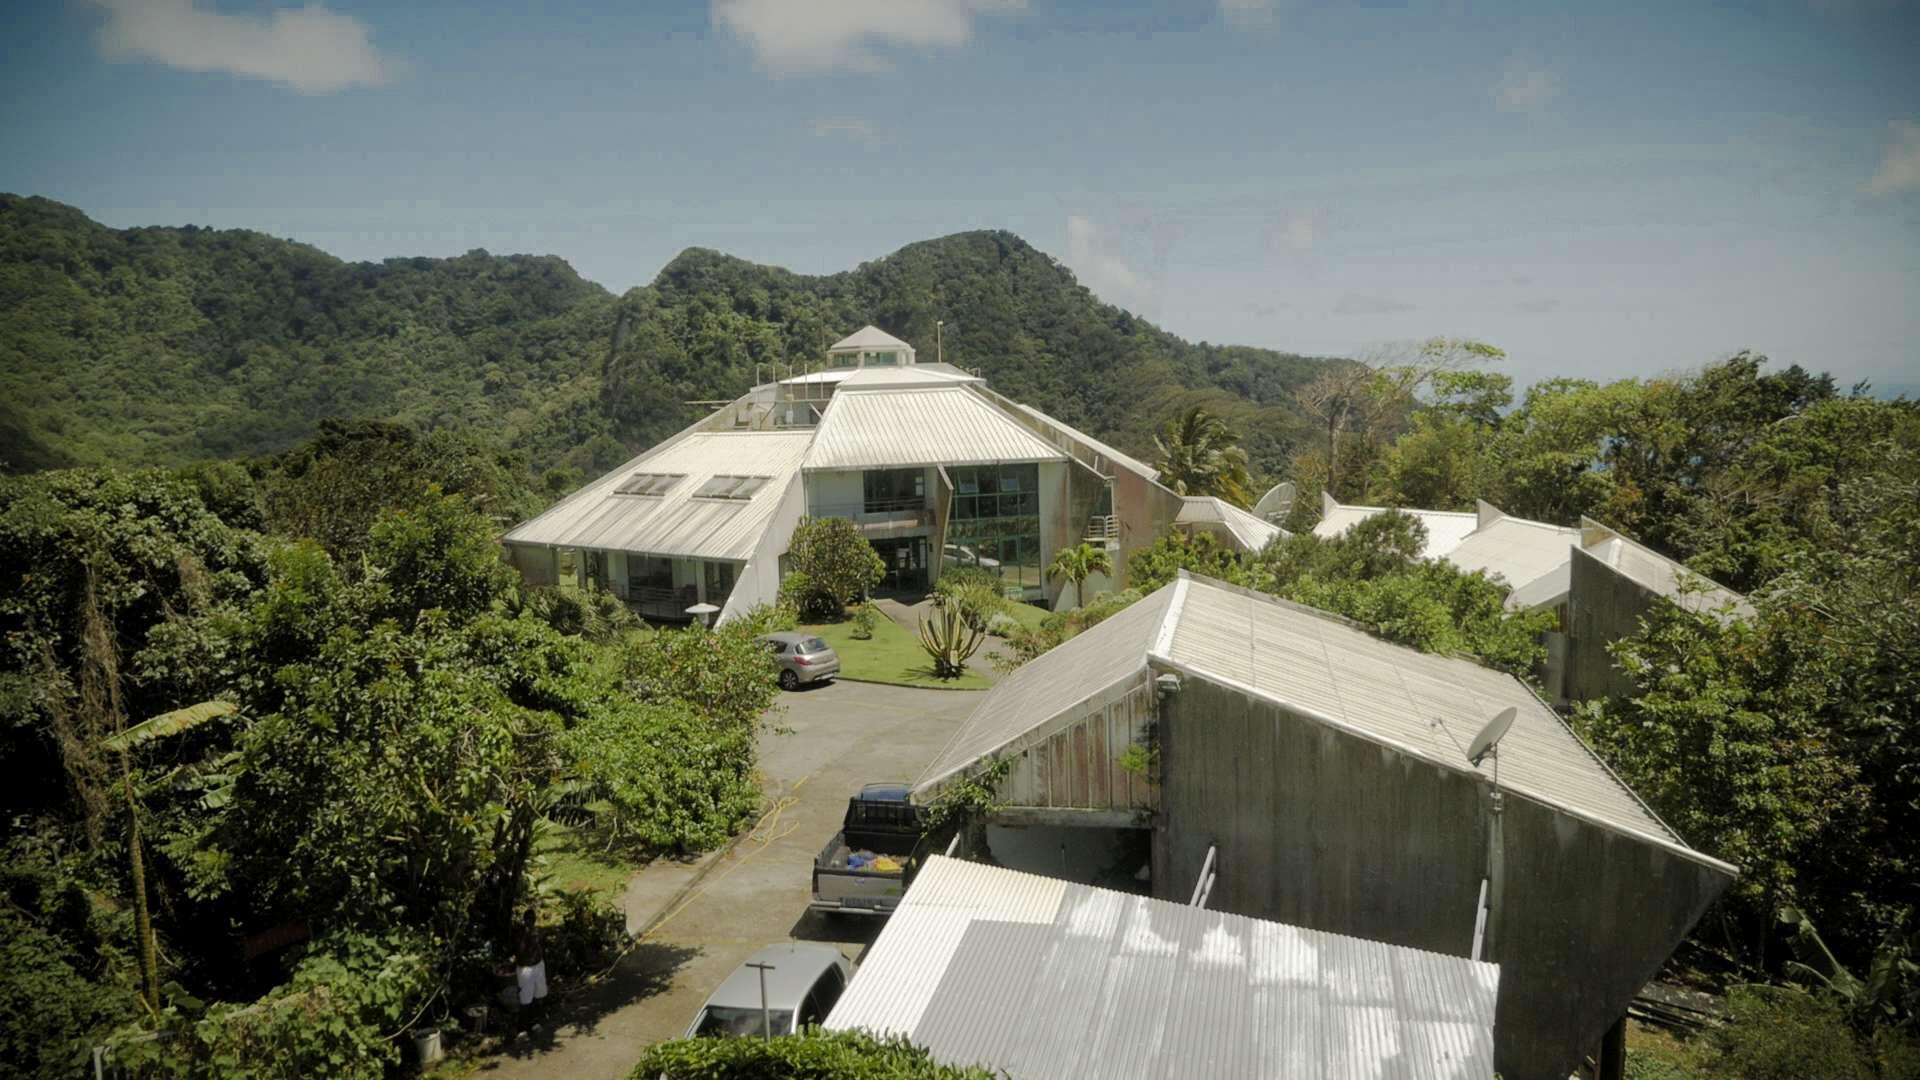 Observatoire Volcanologique et Sismologique de Guadeloupe sur les hauts de la commune de Gourbeyre